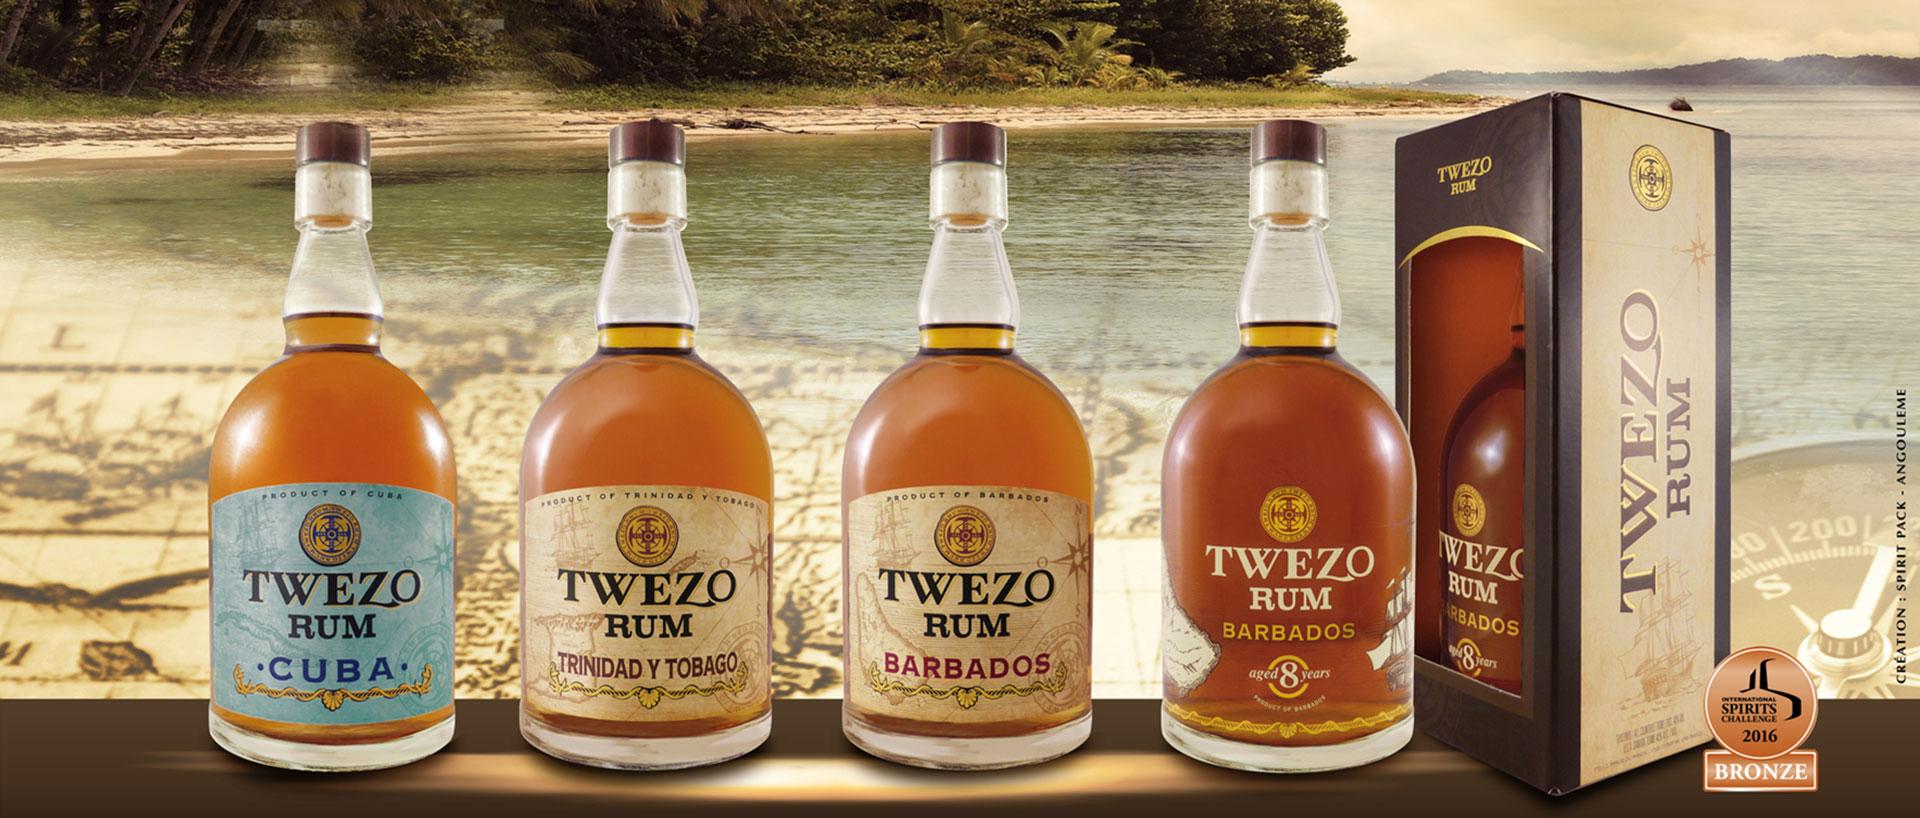 Twezo2